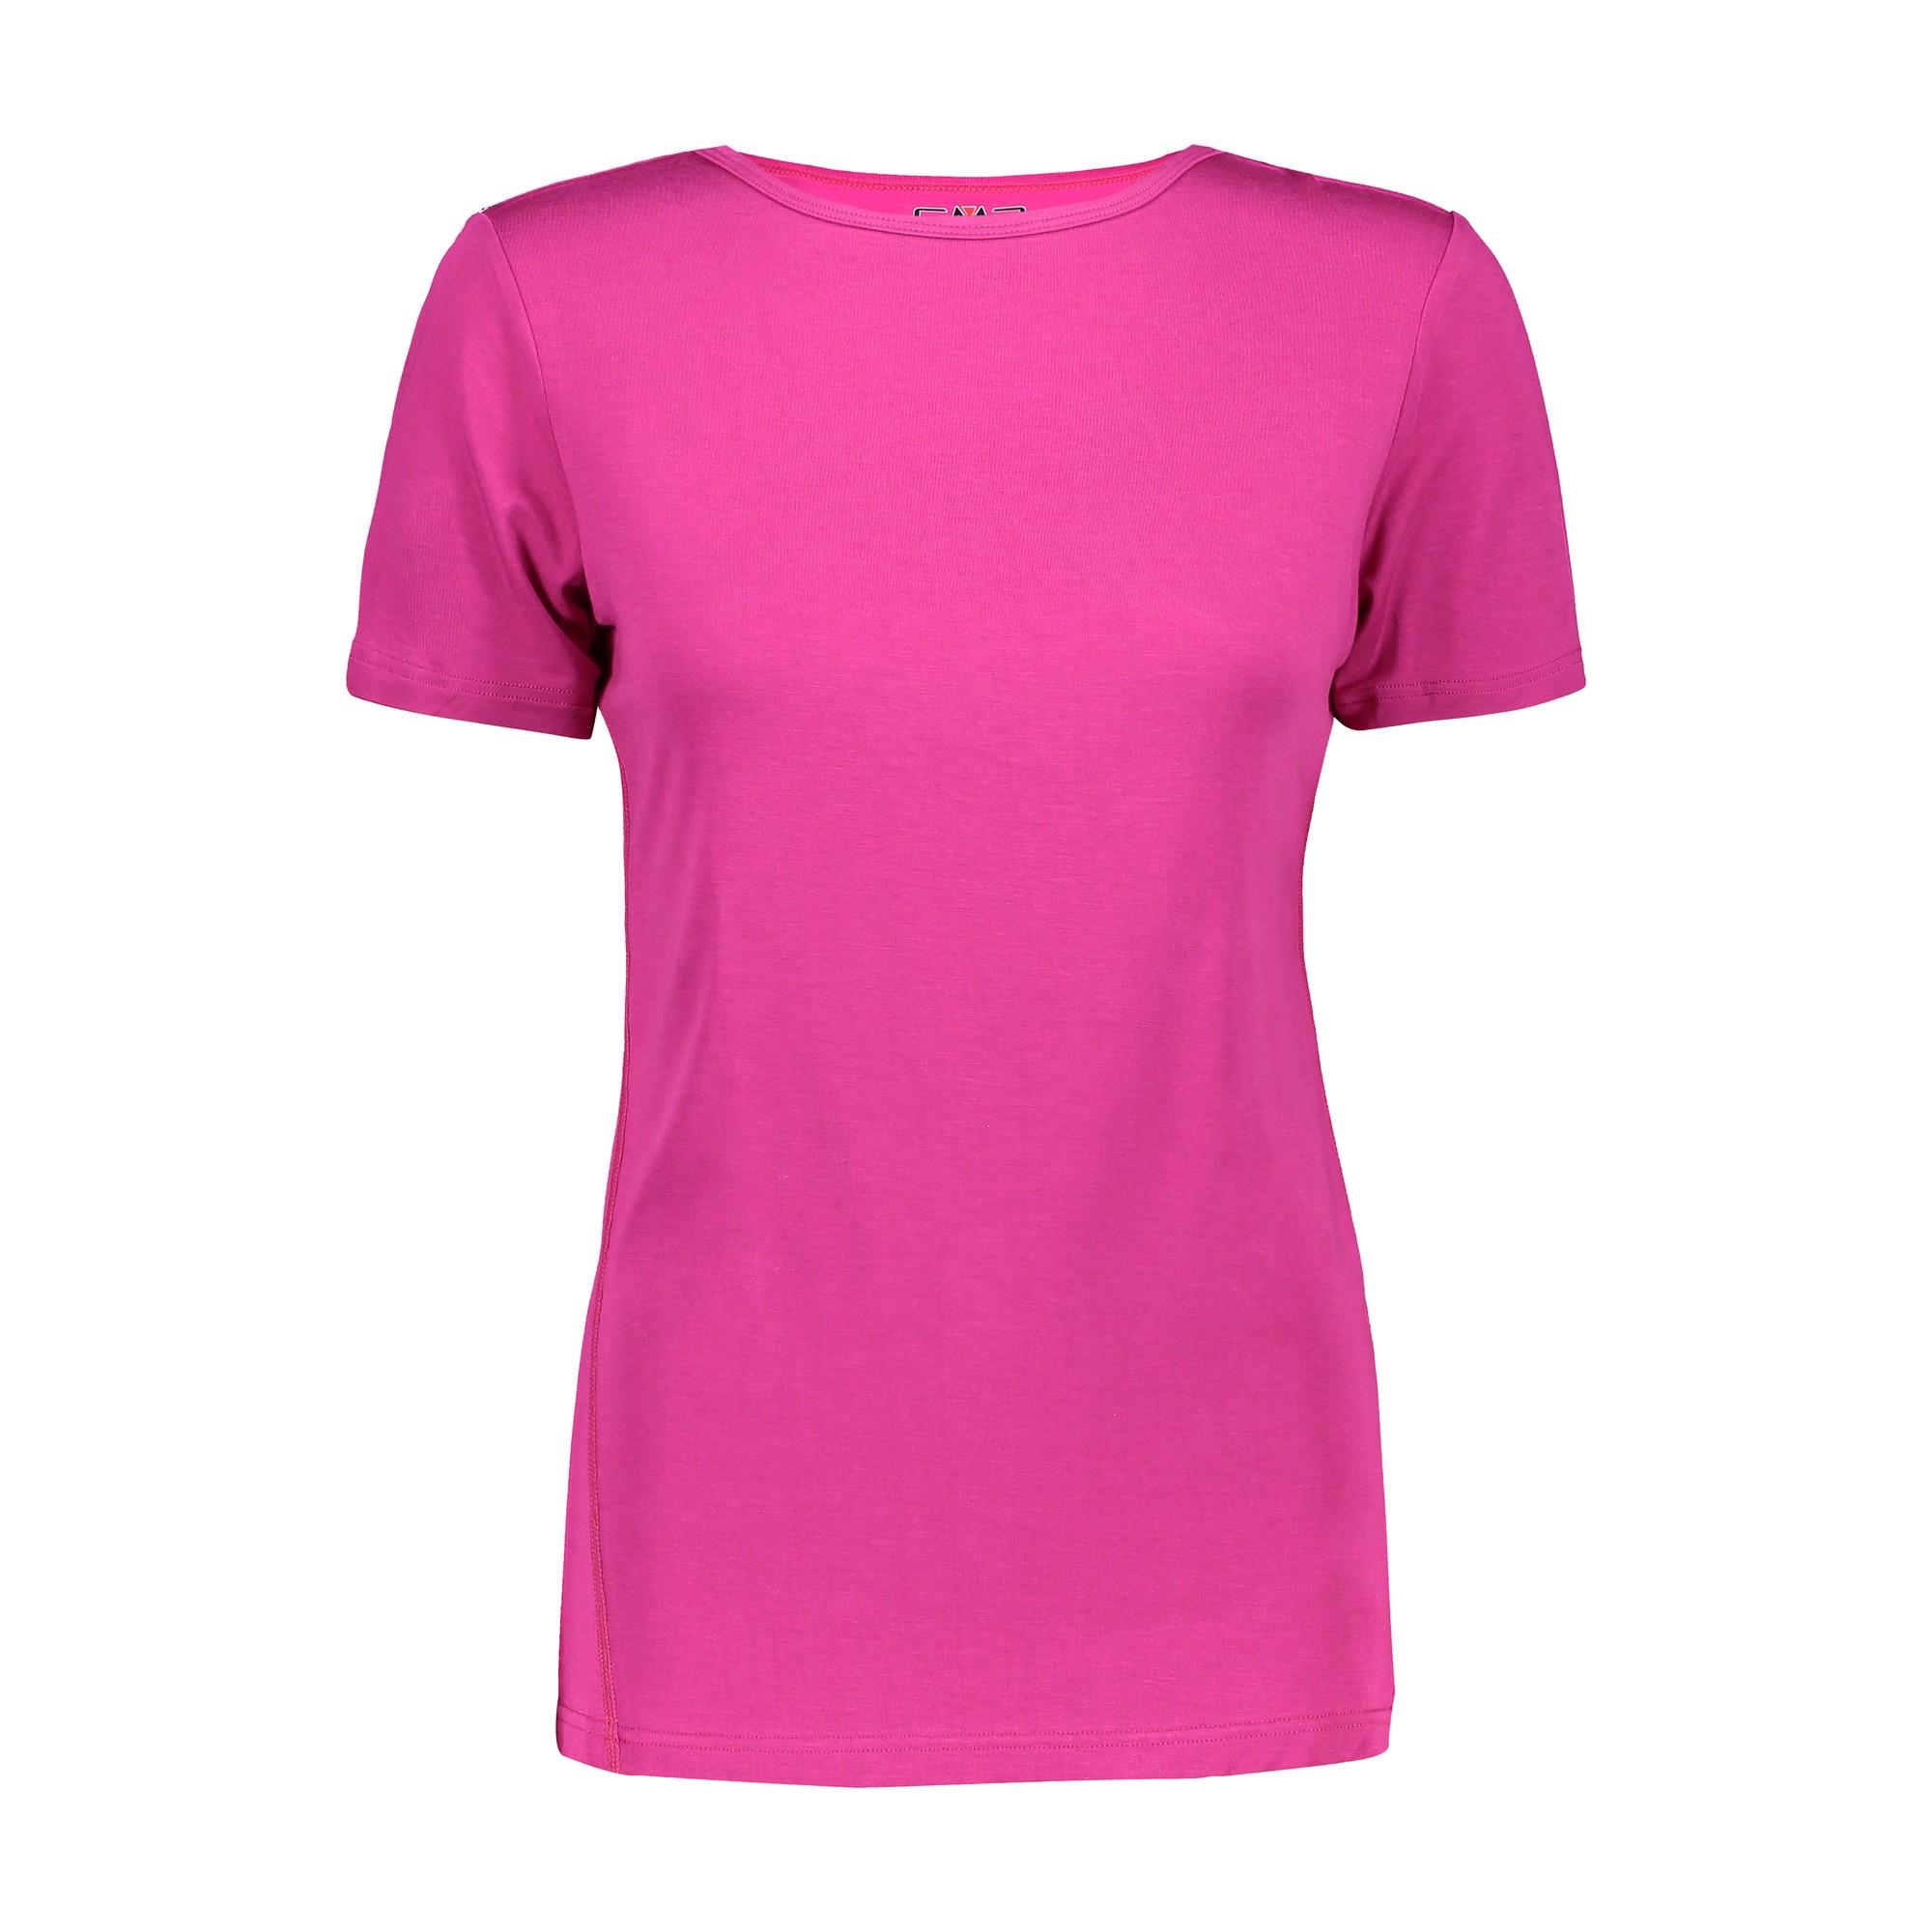 CMP FUNKTIONSOBERTEIL FUNKTIONSHIRT Woman T-Shirt ROSA ATMUNGSAKTIV